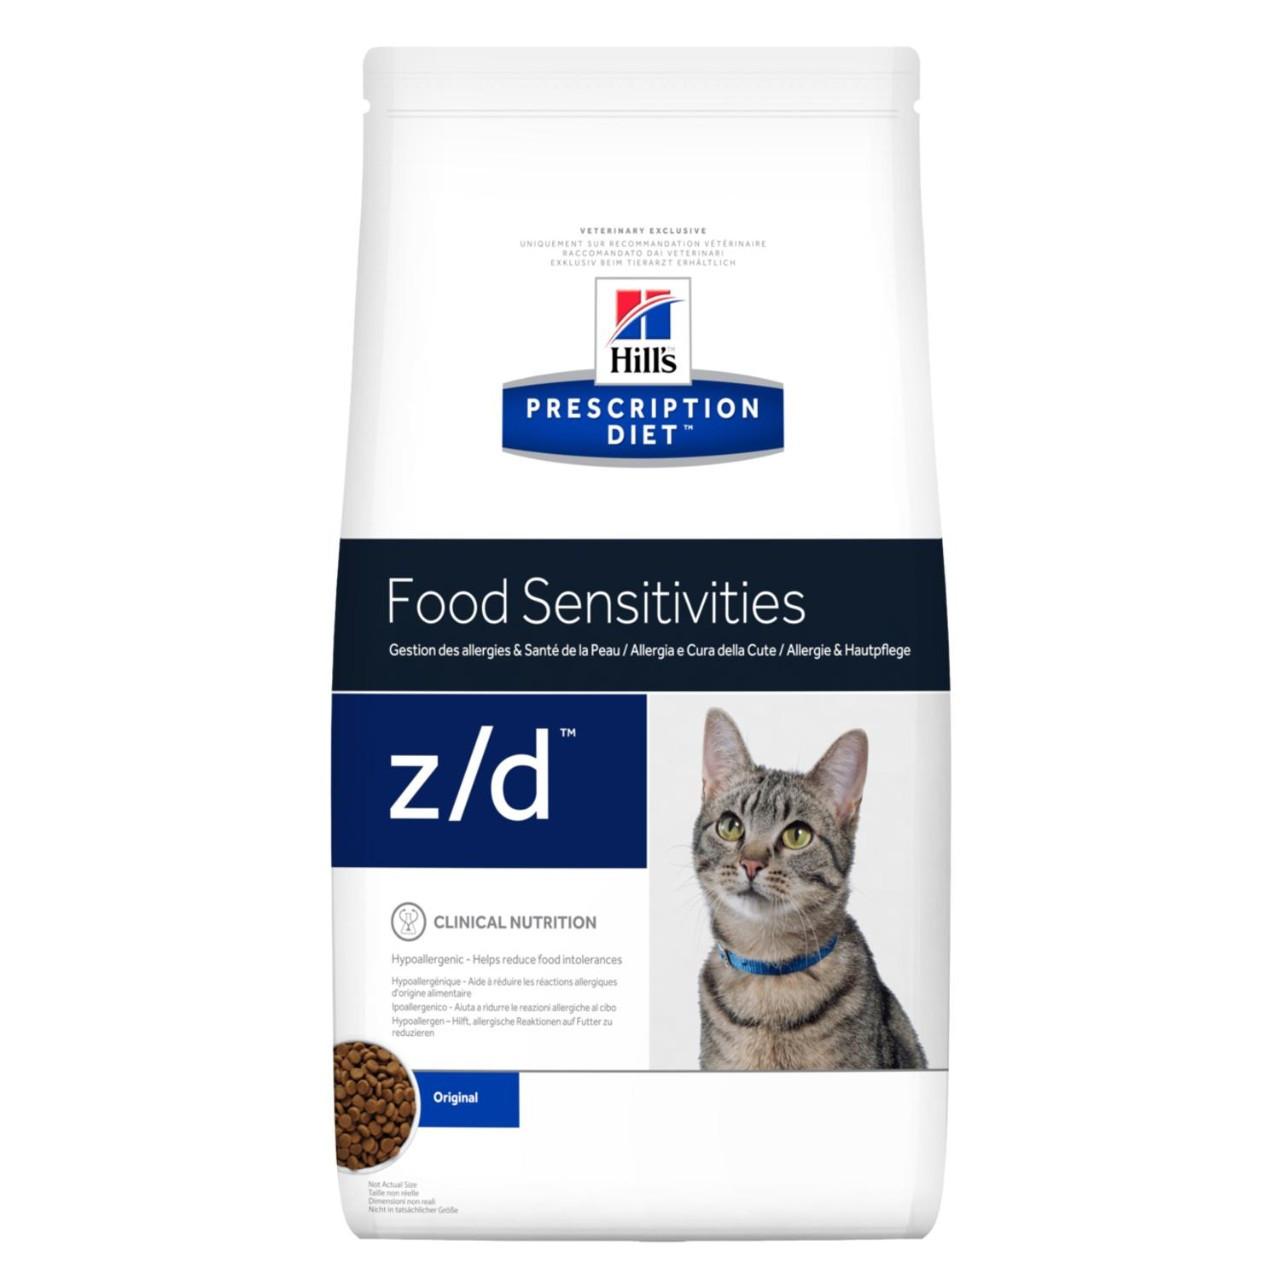 Hill's Preccription Diet z/d Food Sensivities при пищевой аллергии, уп.2 кг